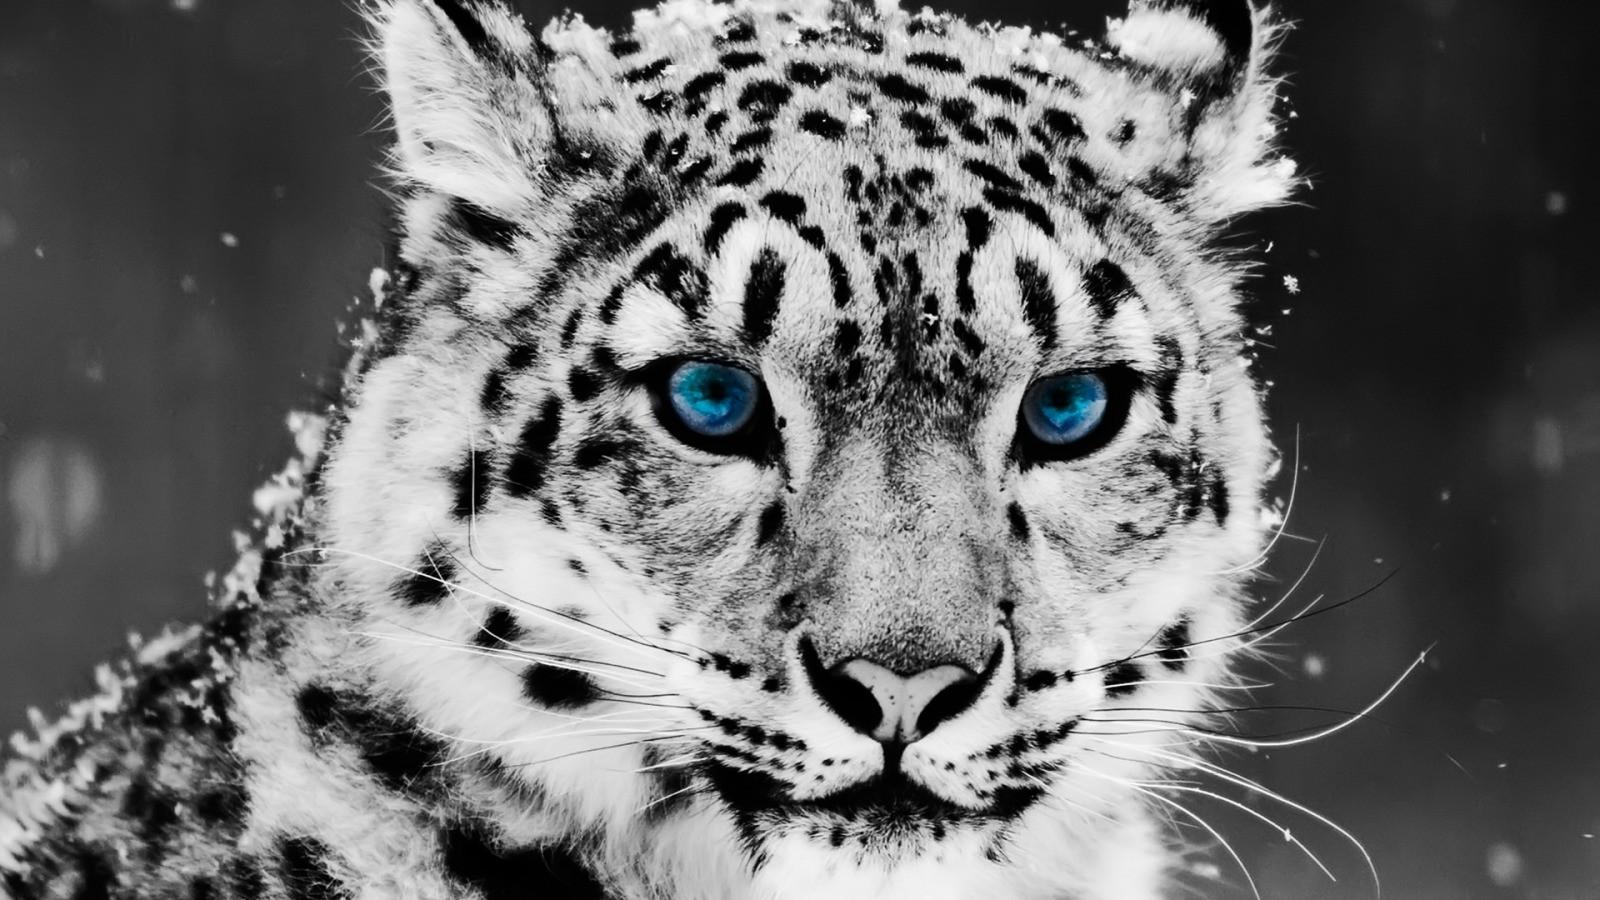 Fond d'écran : 1600x900 px, animaux 1600x900 - goodfon - 750958 - Fond d'écran - WallHere